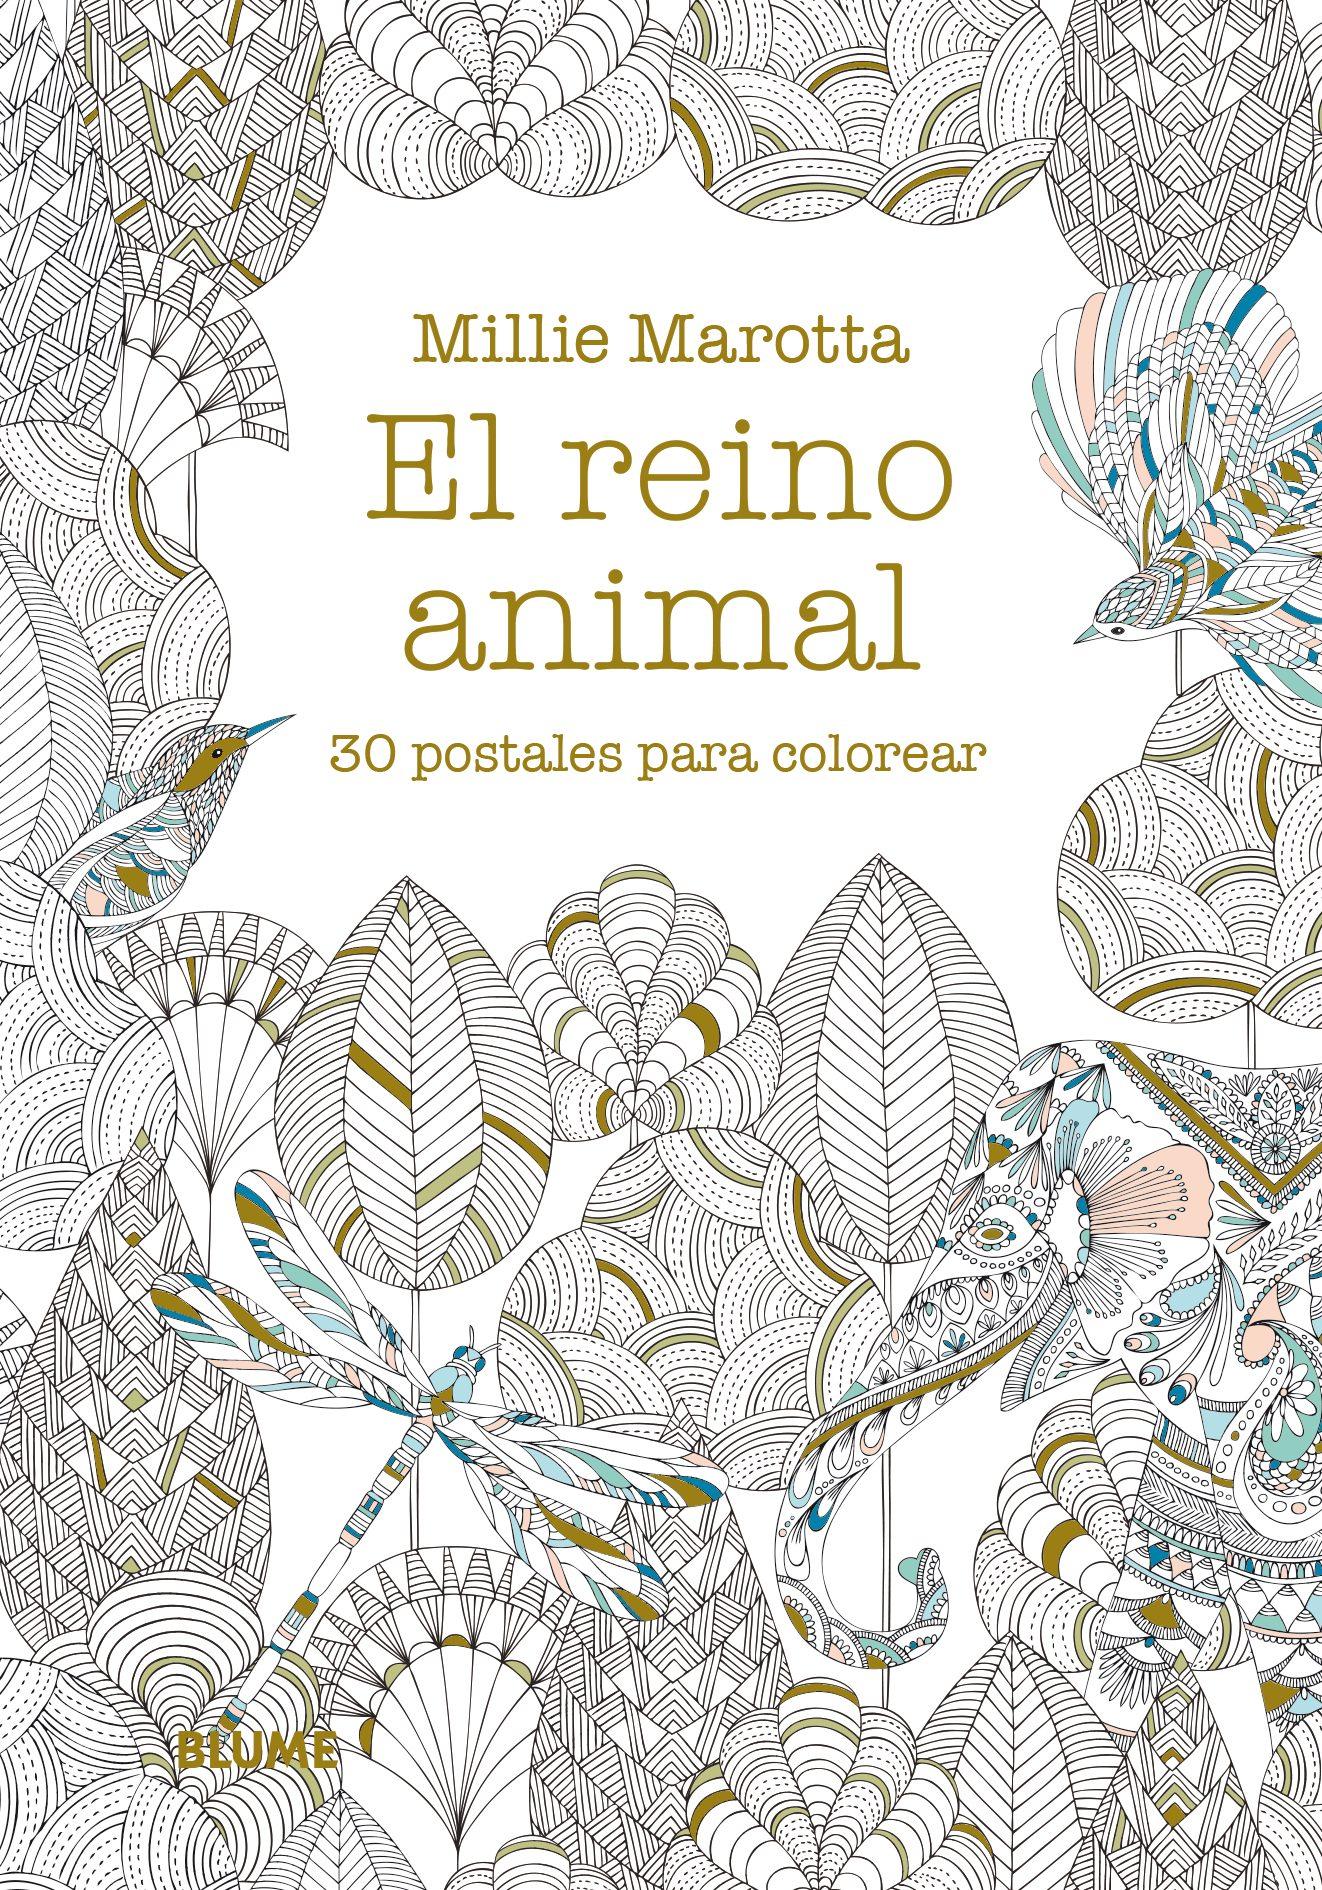 EL REINO ANIMAL: 30 POSTALES PARA COLOREAR | MILLIE MAROTTA ...